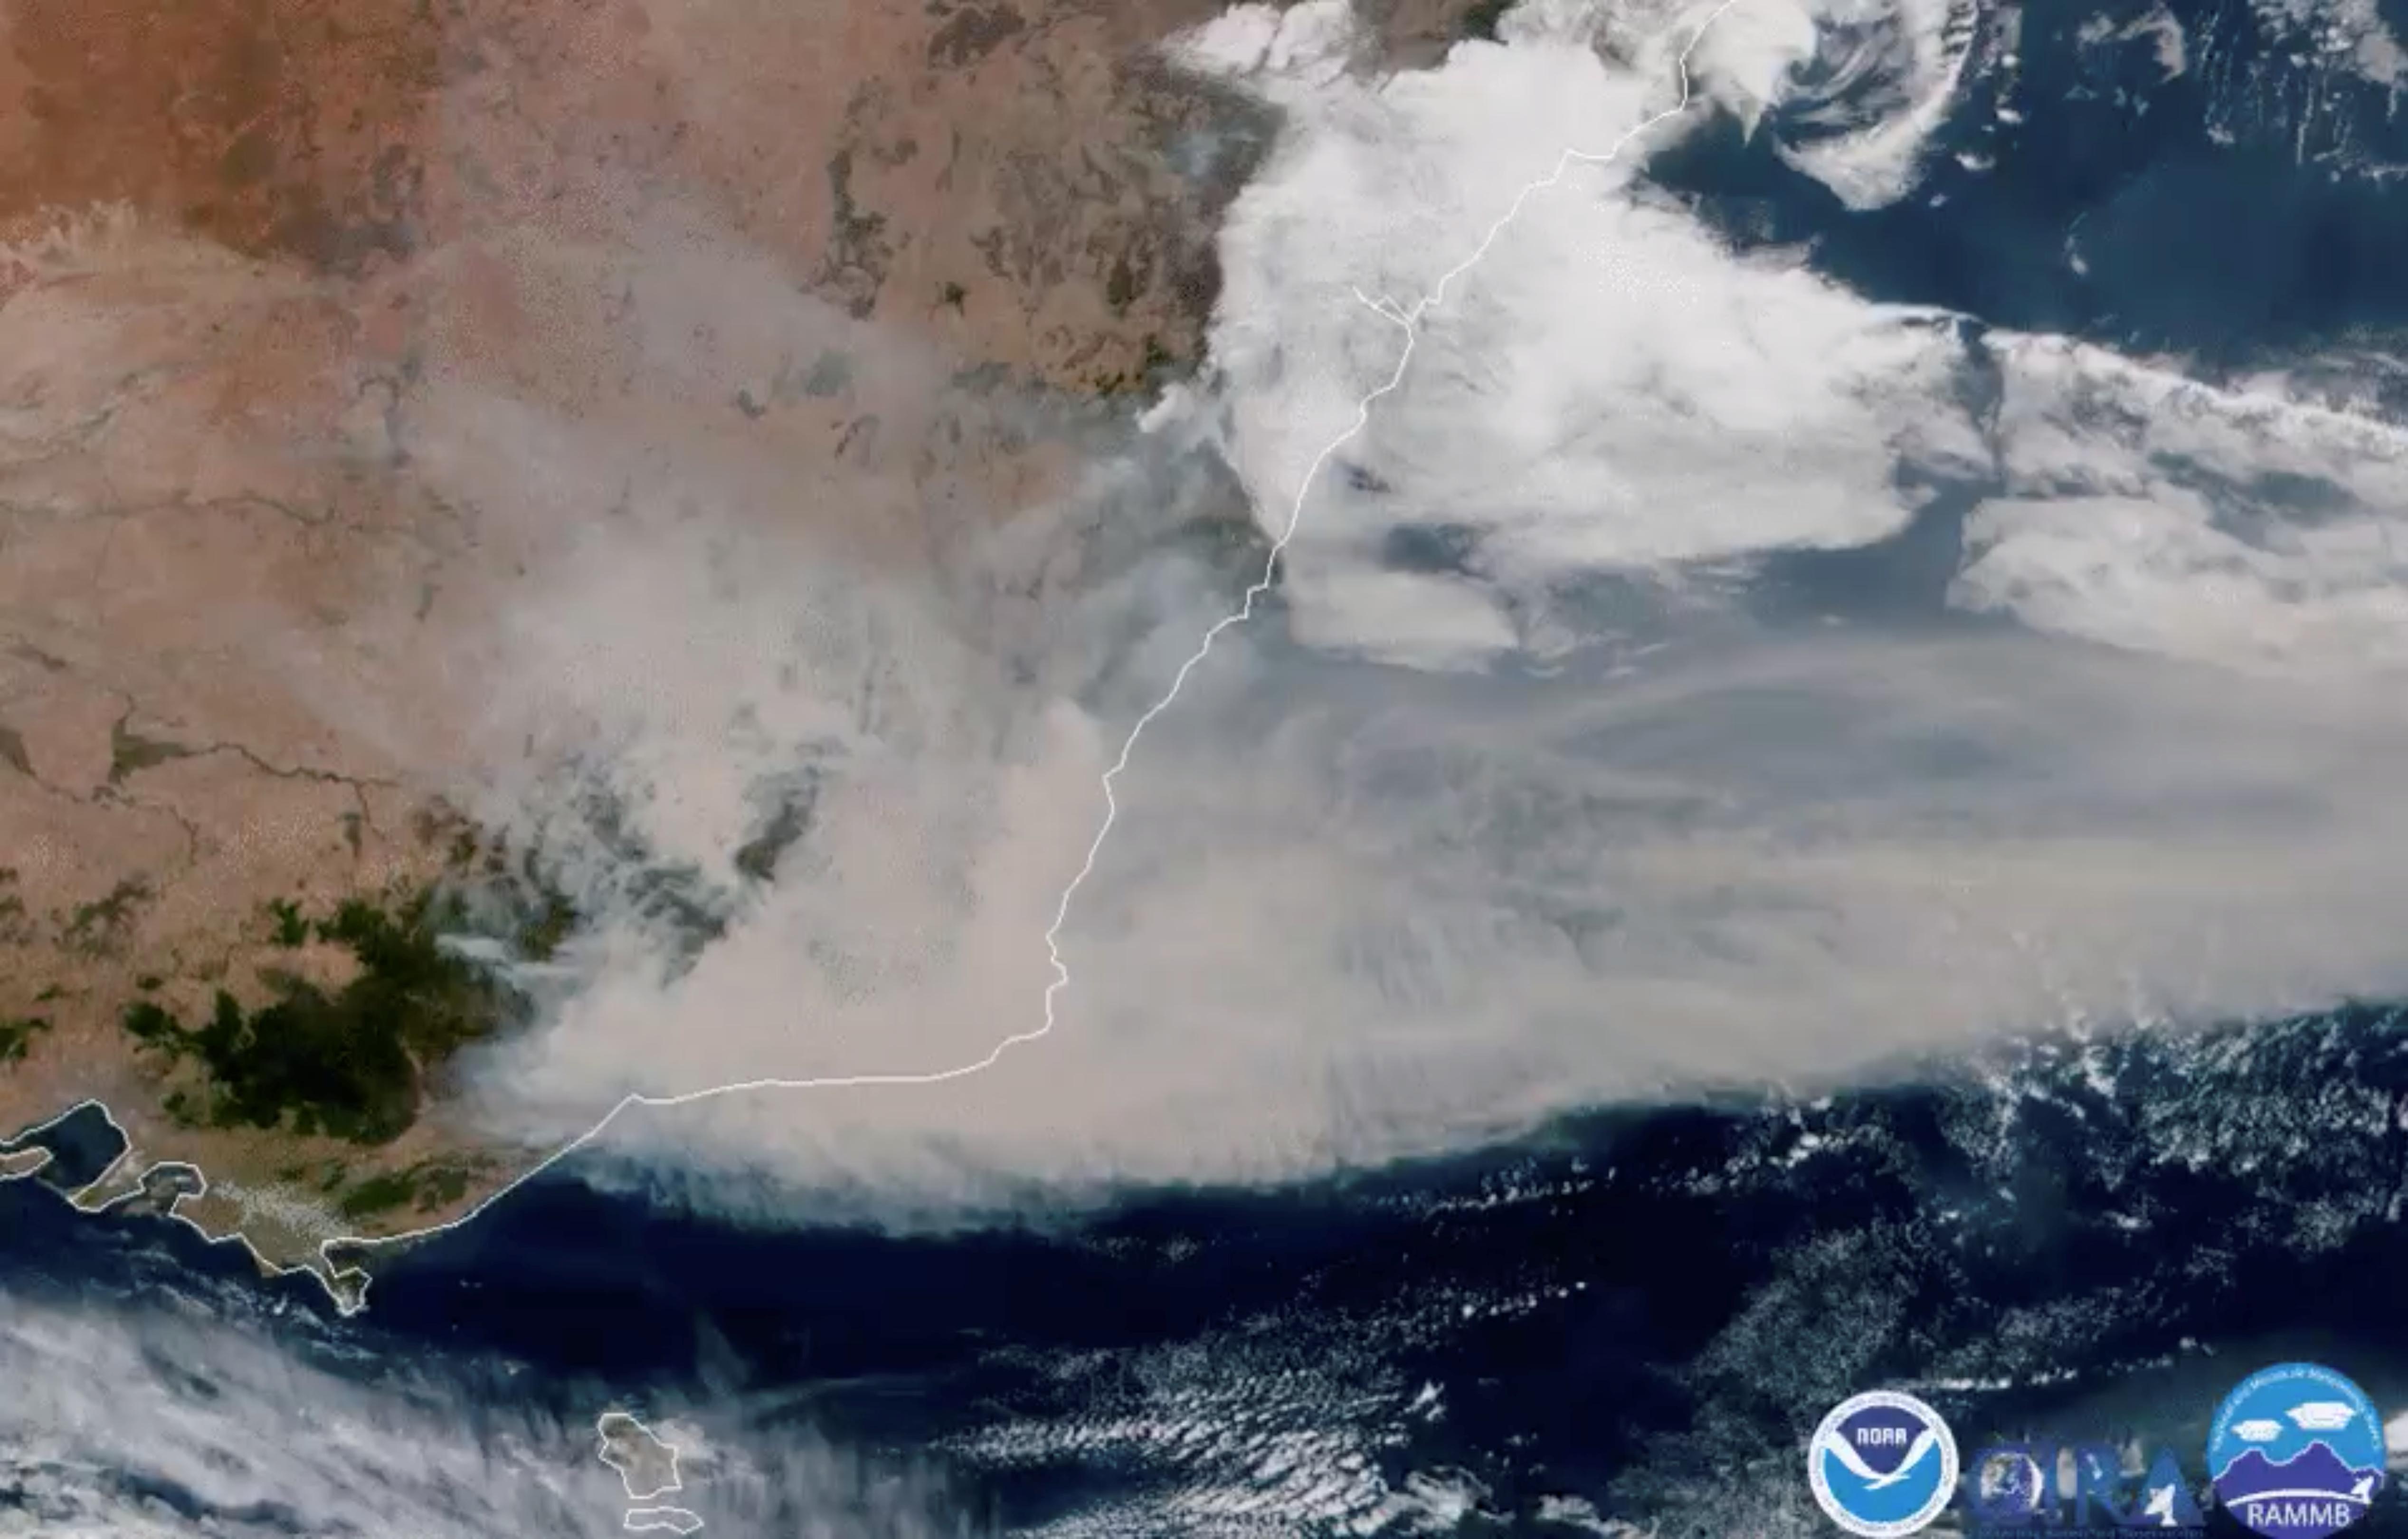 A satellite image shows bushfire smoke